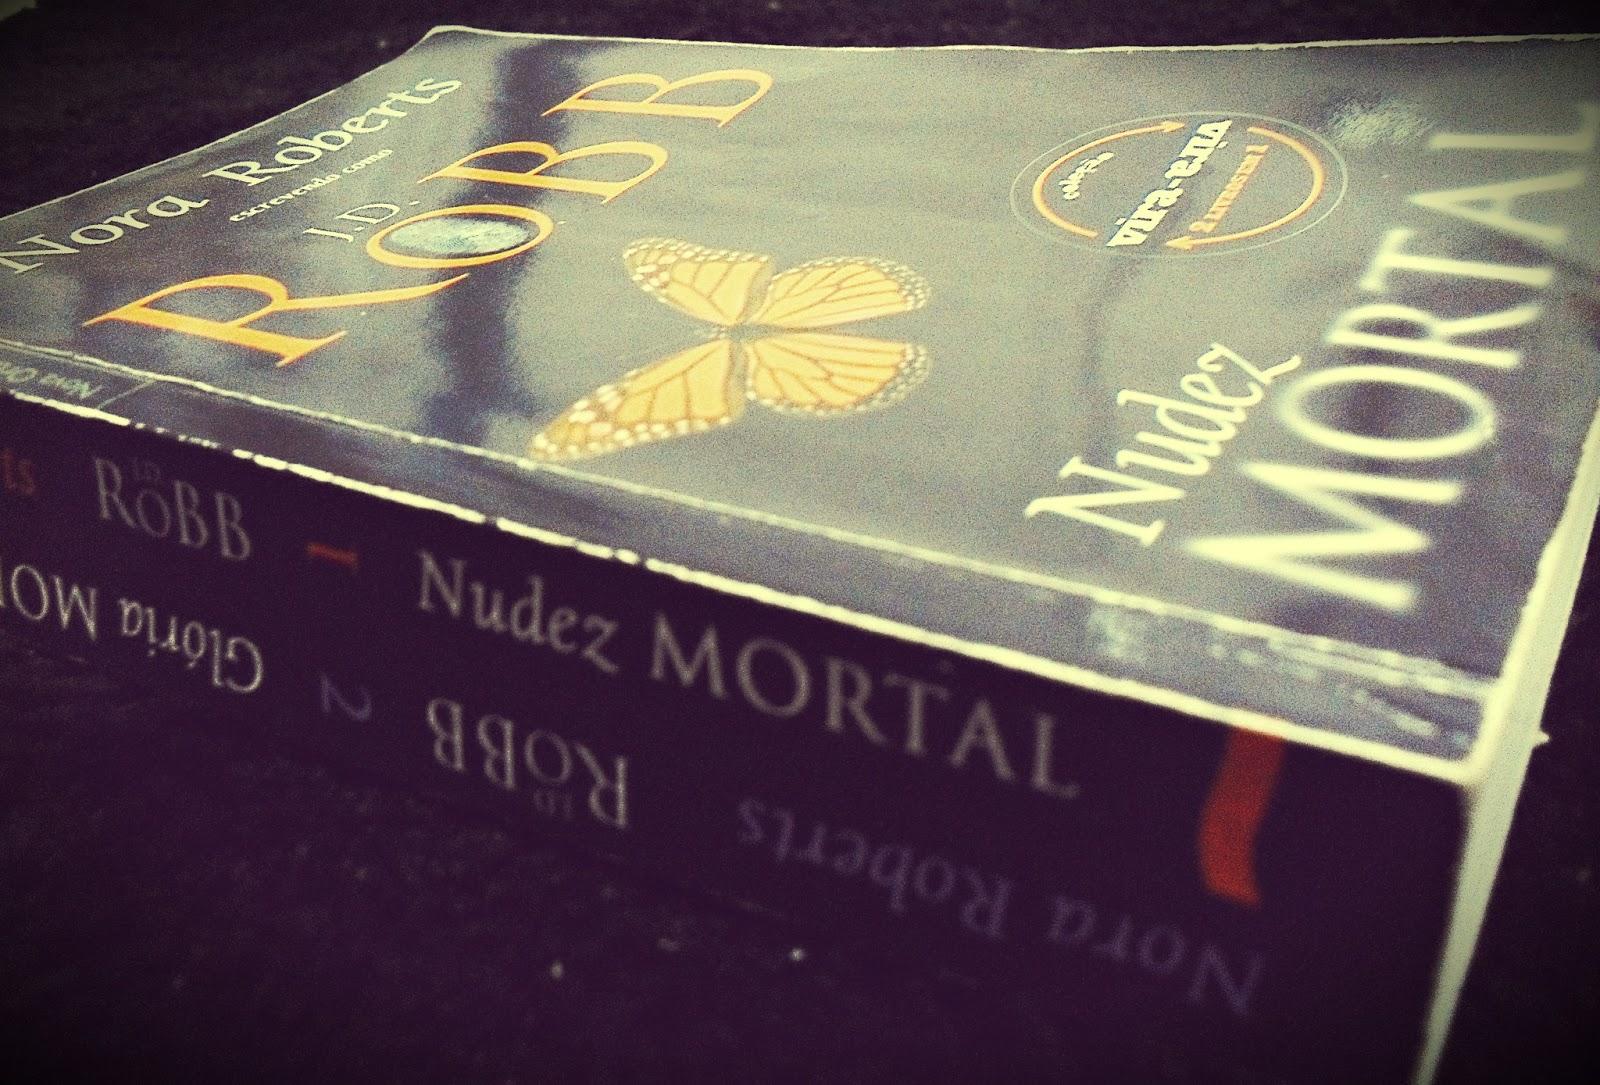 Nudez Mortal + Glória Mortal - Nora Roberts ( Vira-Vira